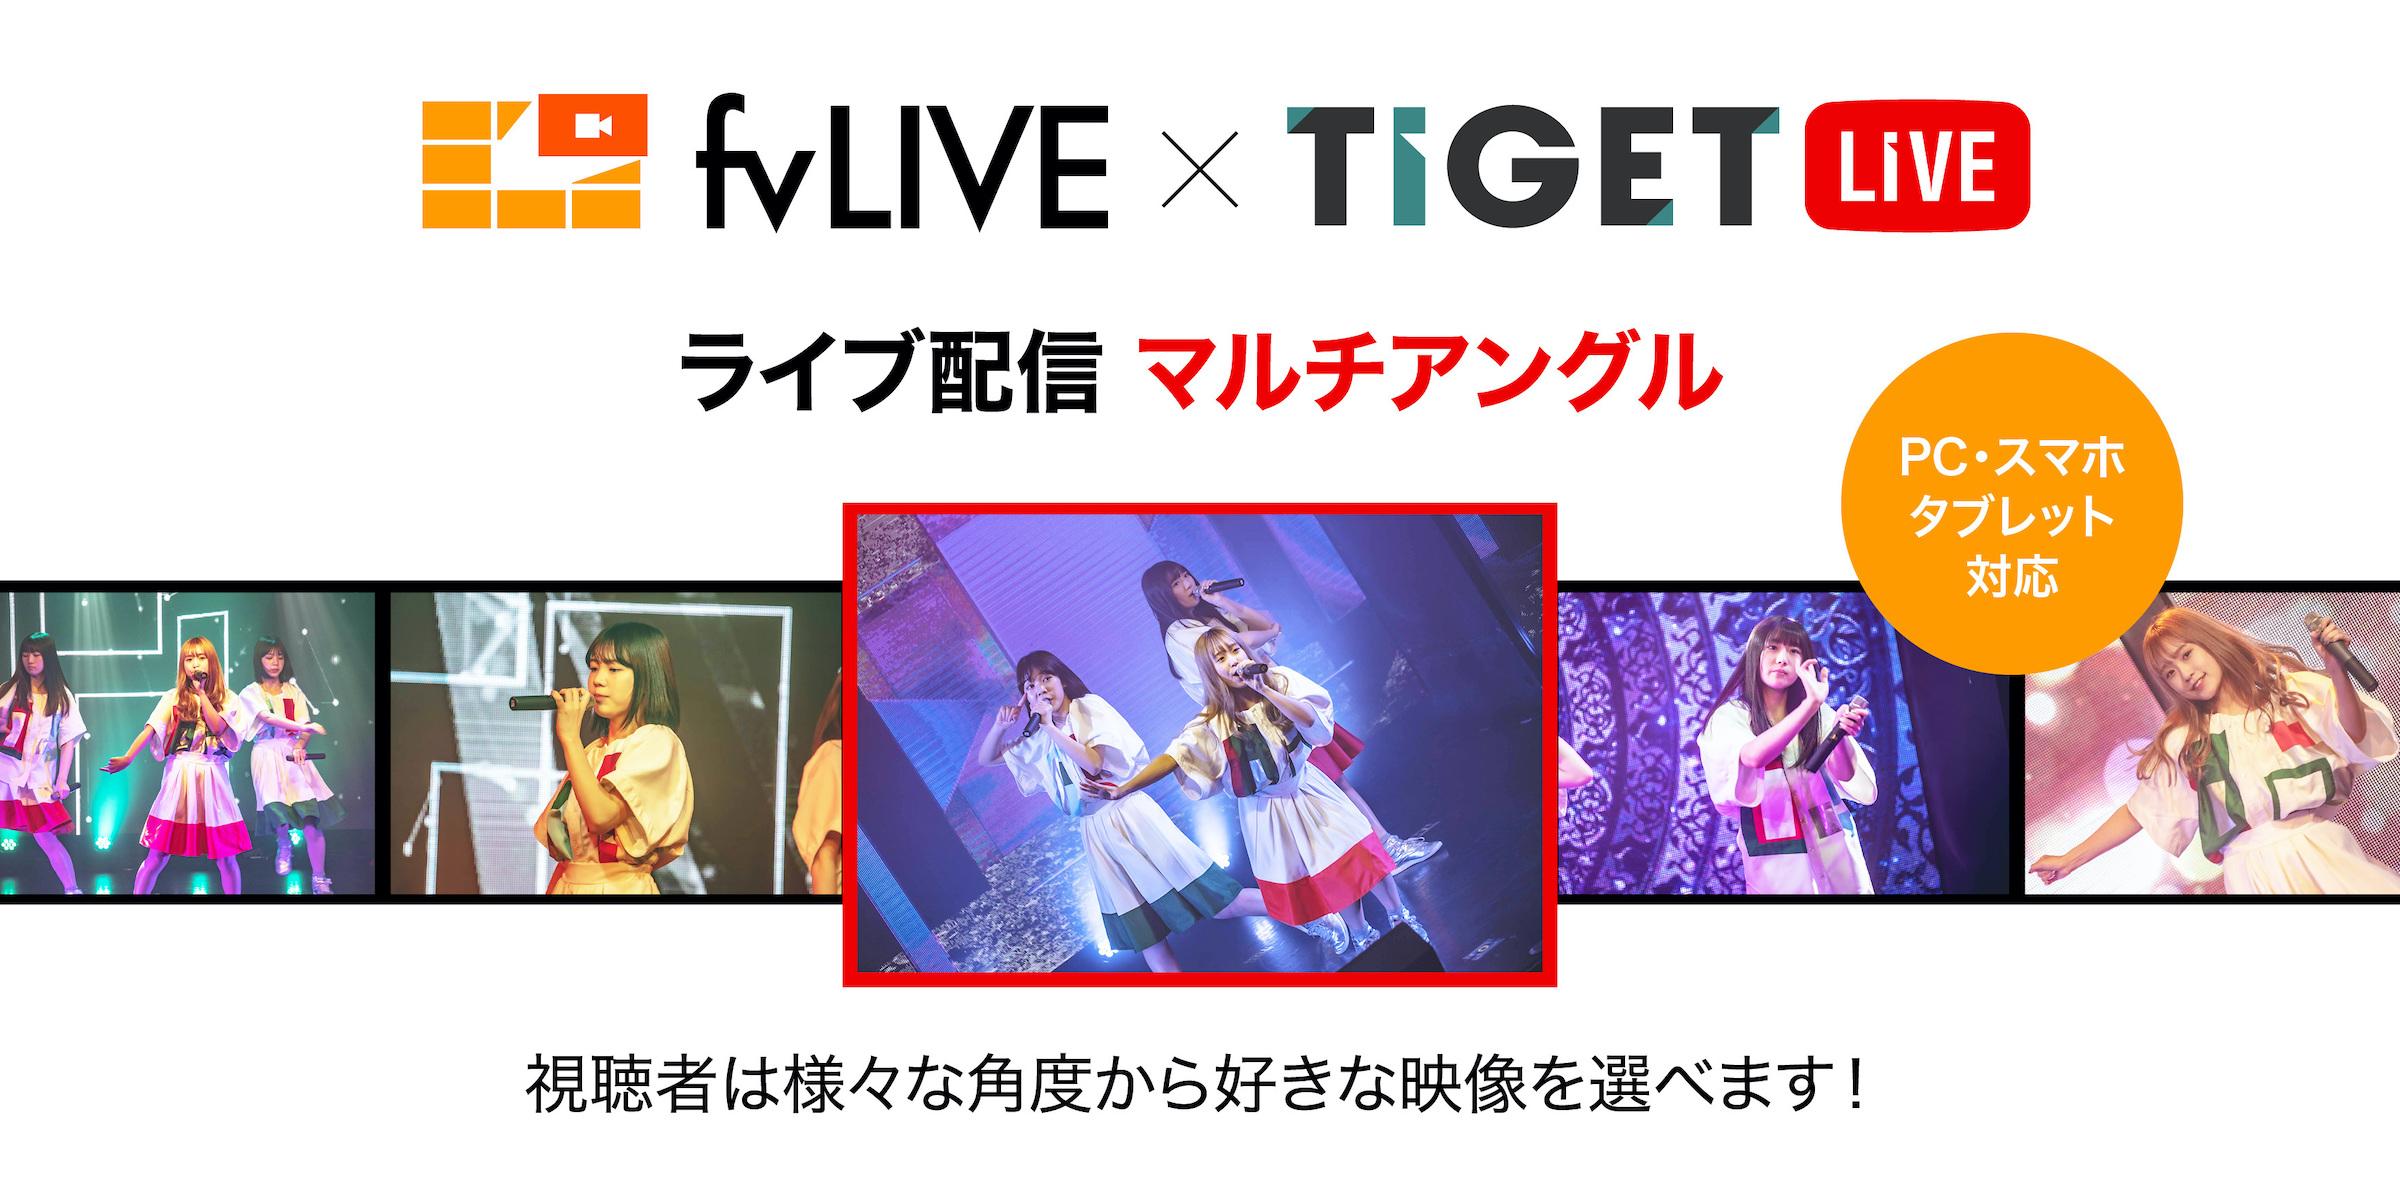 fvLIVE x TIGET LIVE